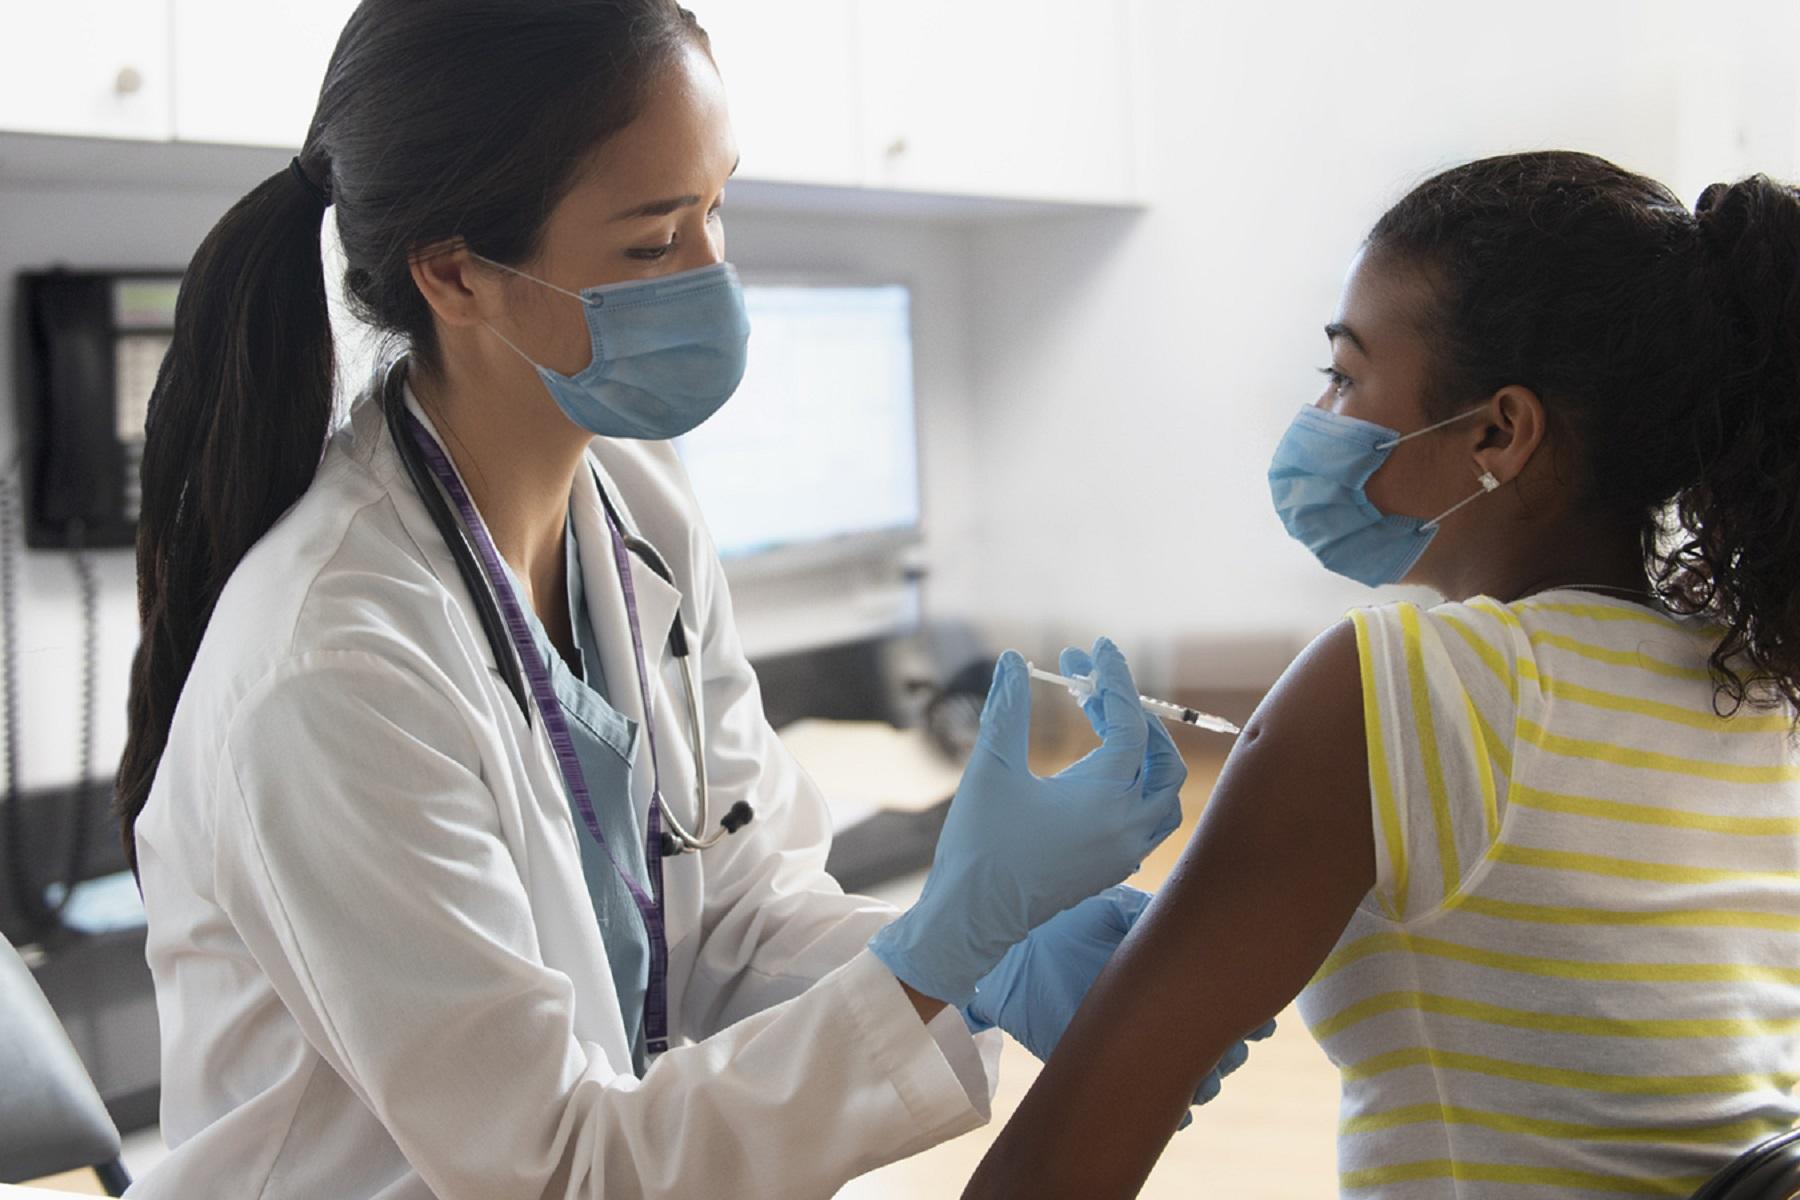 Κέντρο Ελέγχου Νοσημάτων: Γιατί το 50% των εμβολιαζομένων έχει ισχυρότερες παρενέργειες